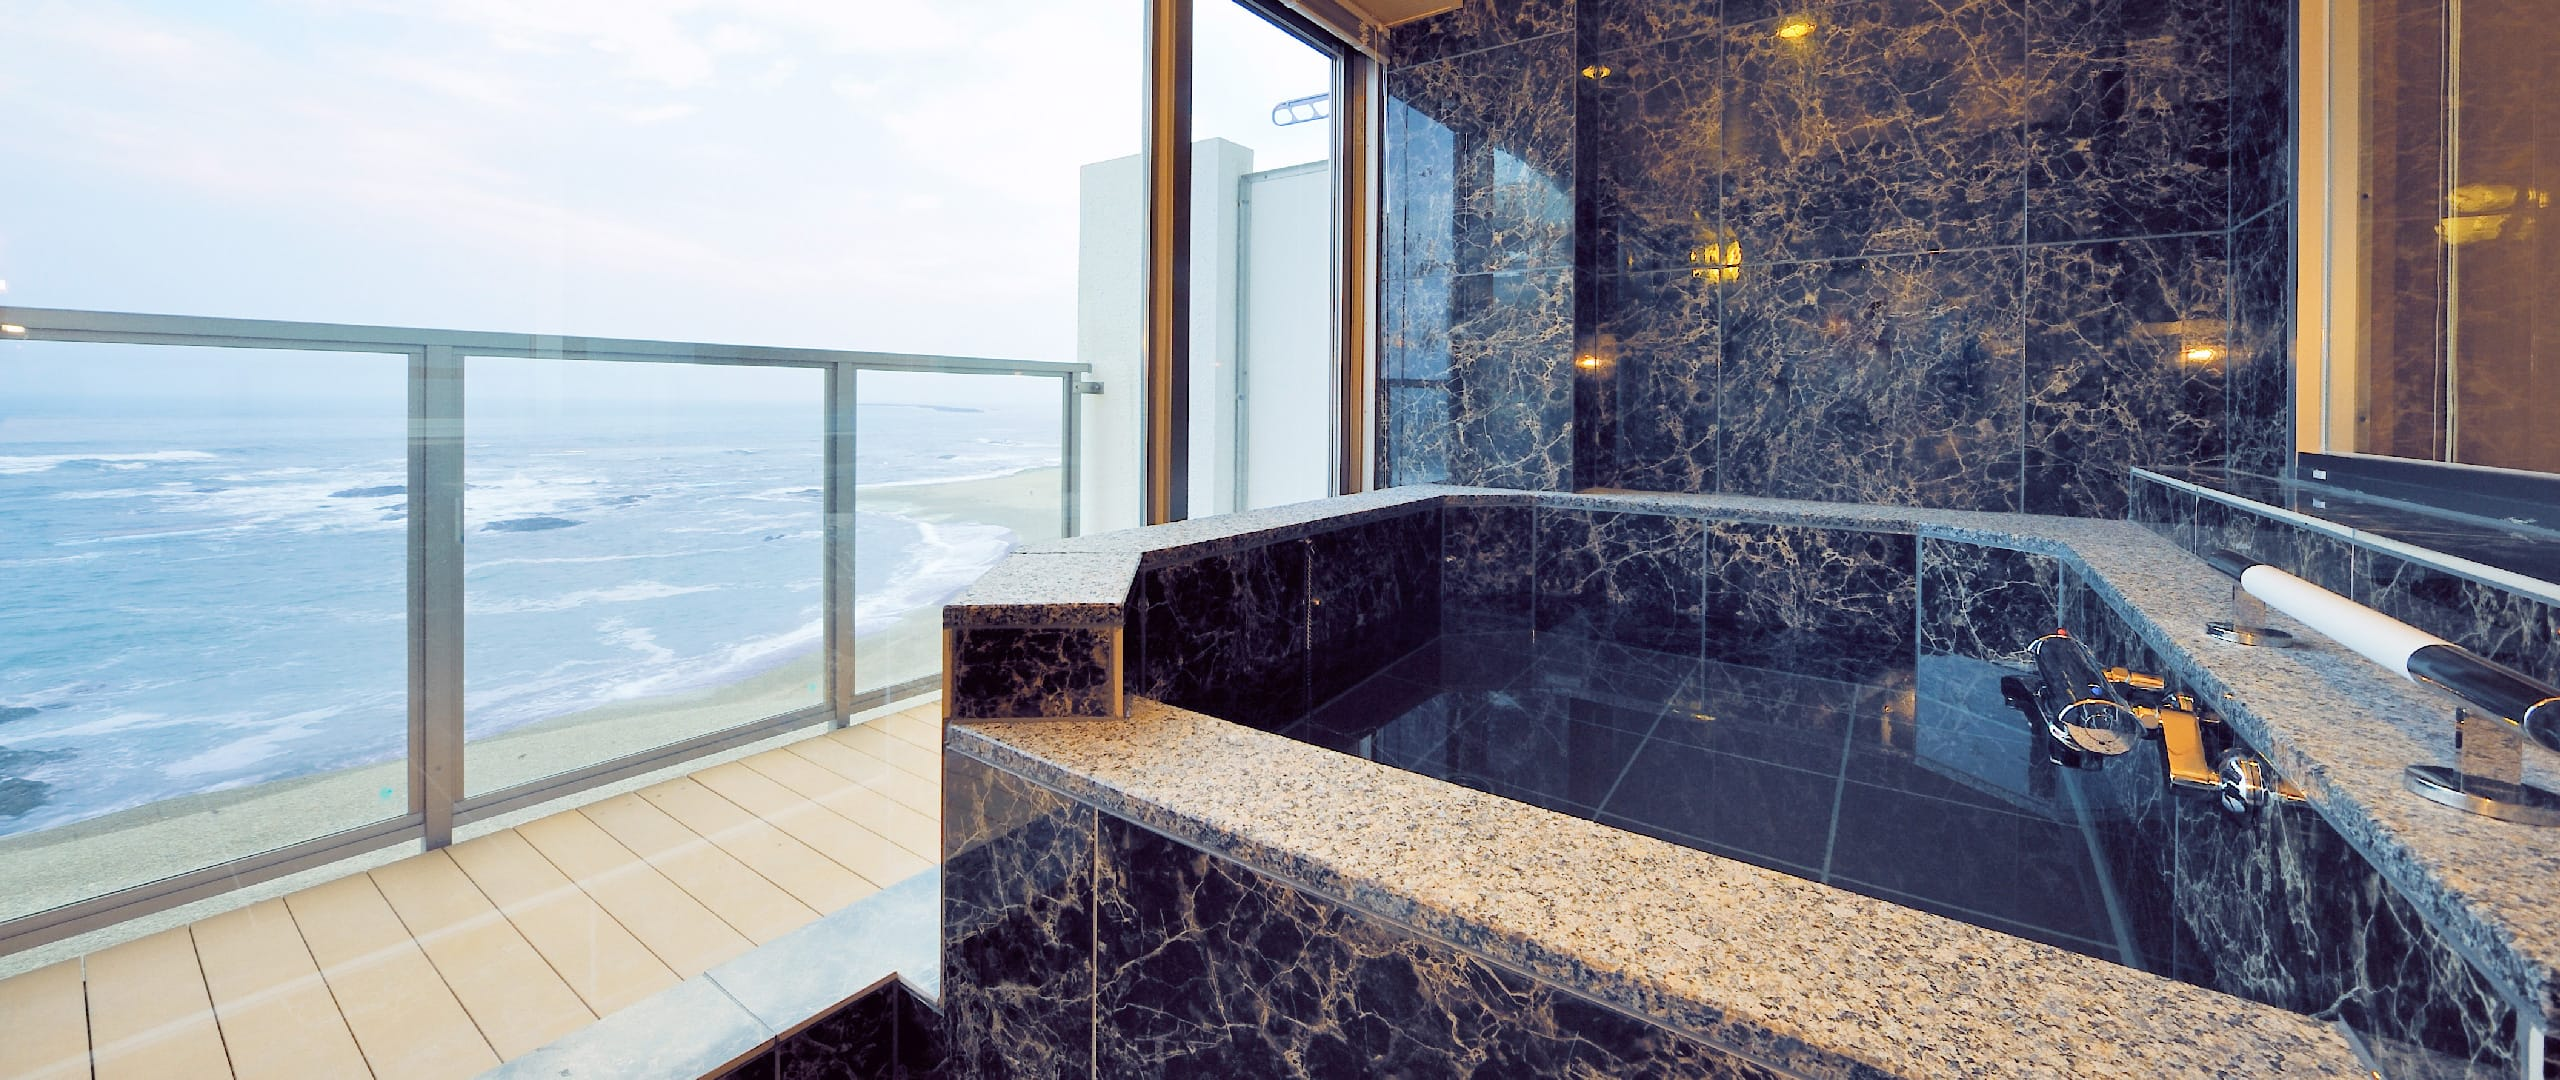 海を一望できる浴槽